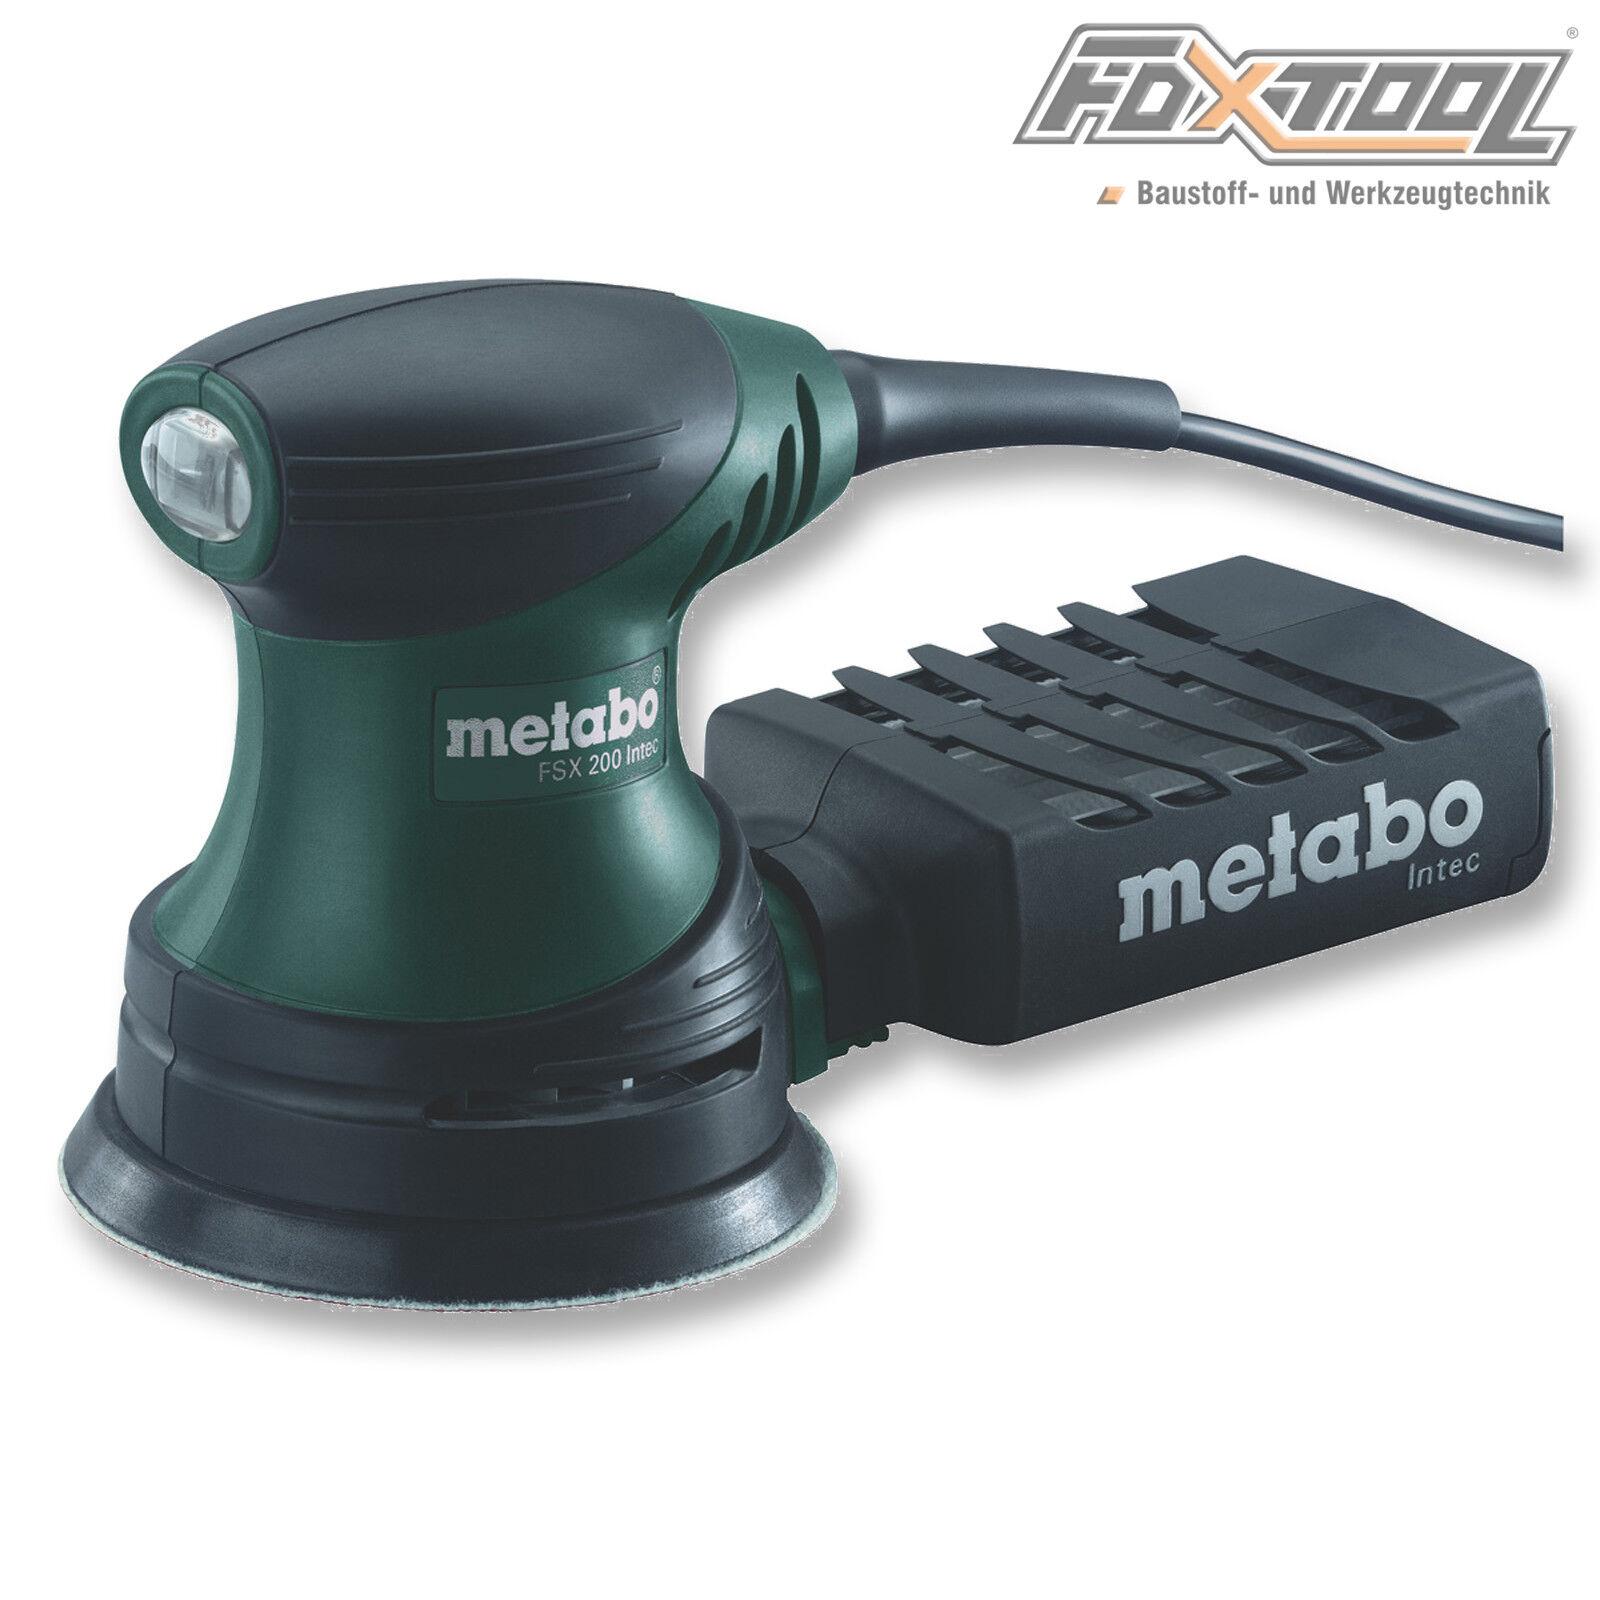 Metabo Exzenterschleifer FSX200 Intec  609225500